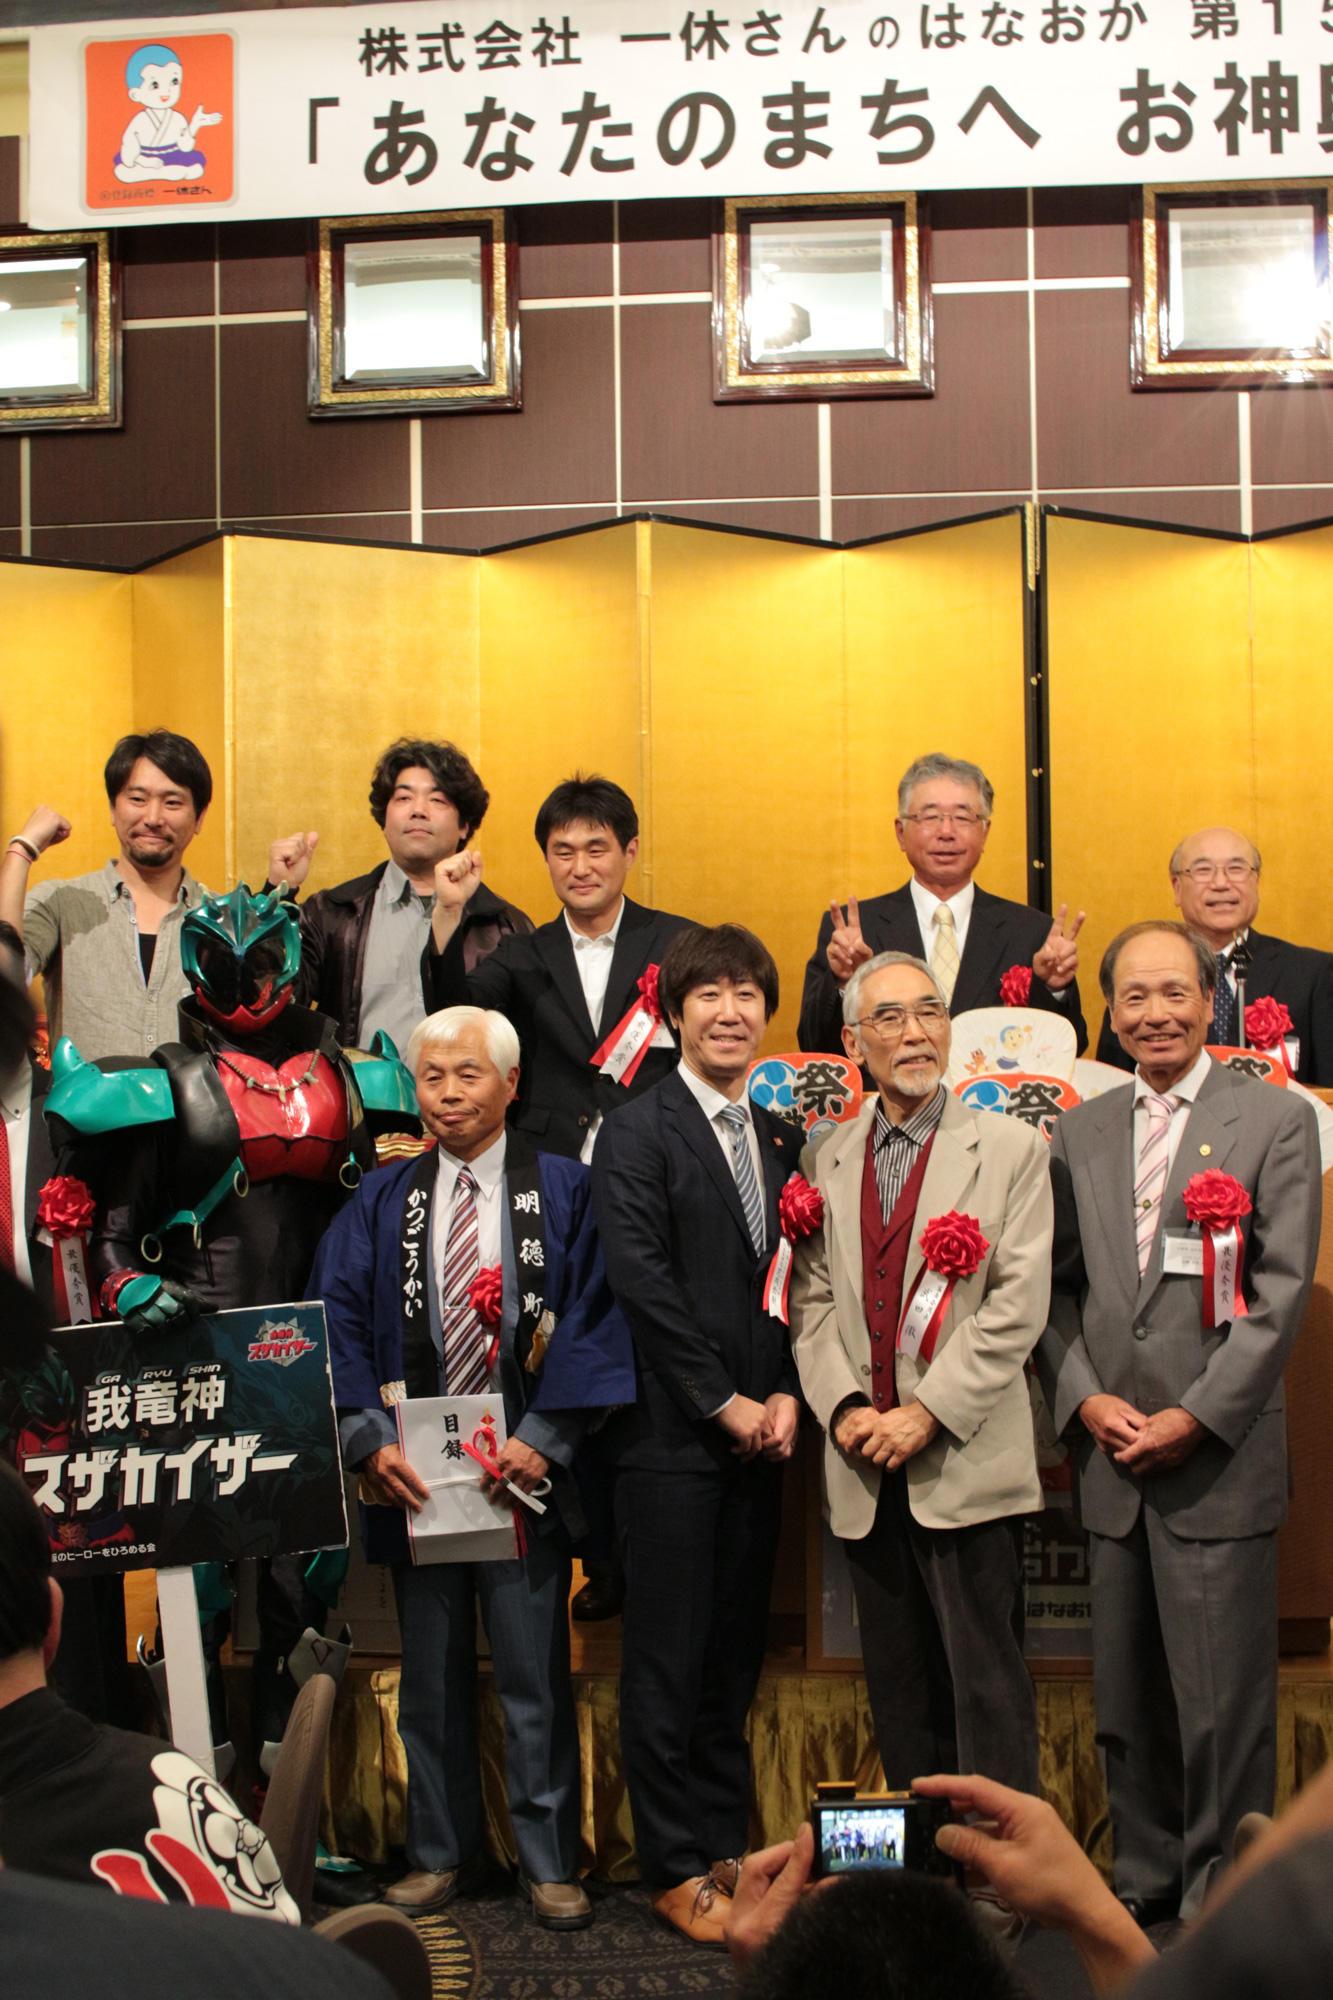 須坂市明徳町の皆様へお神輿の目録を贈呈